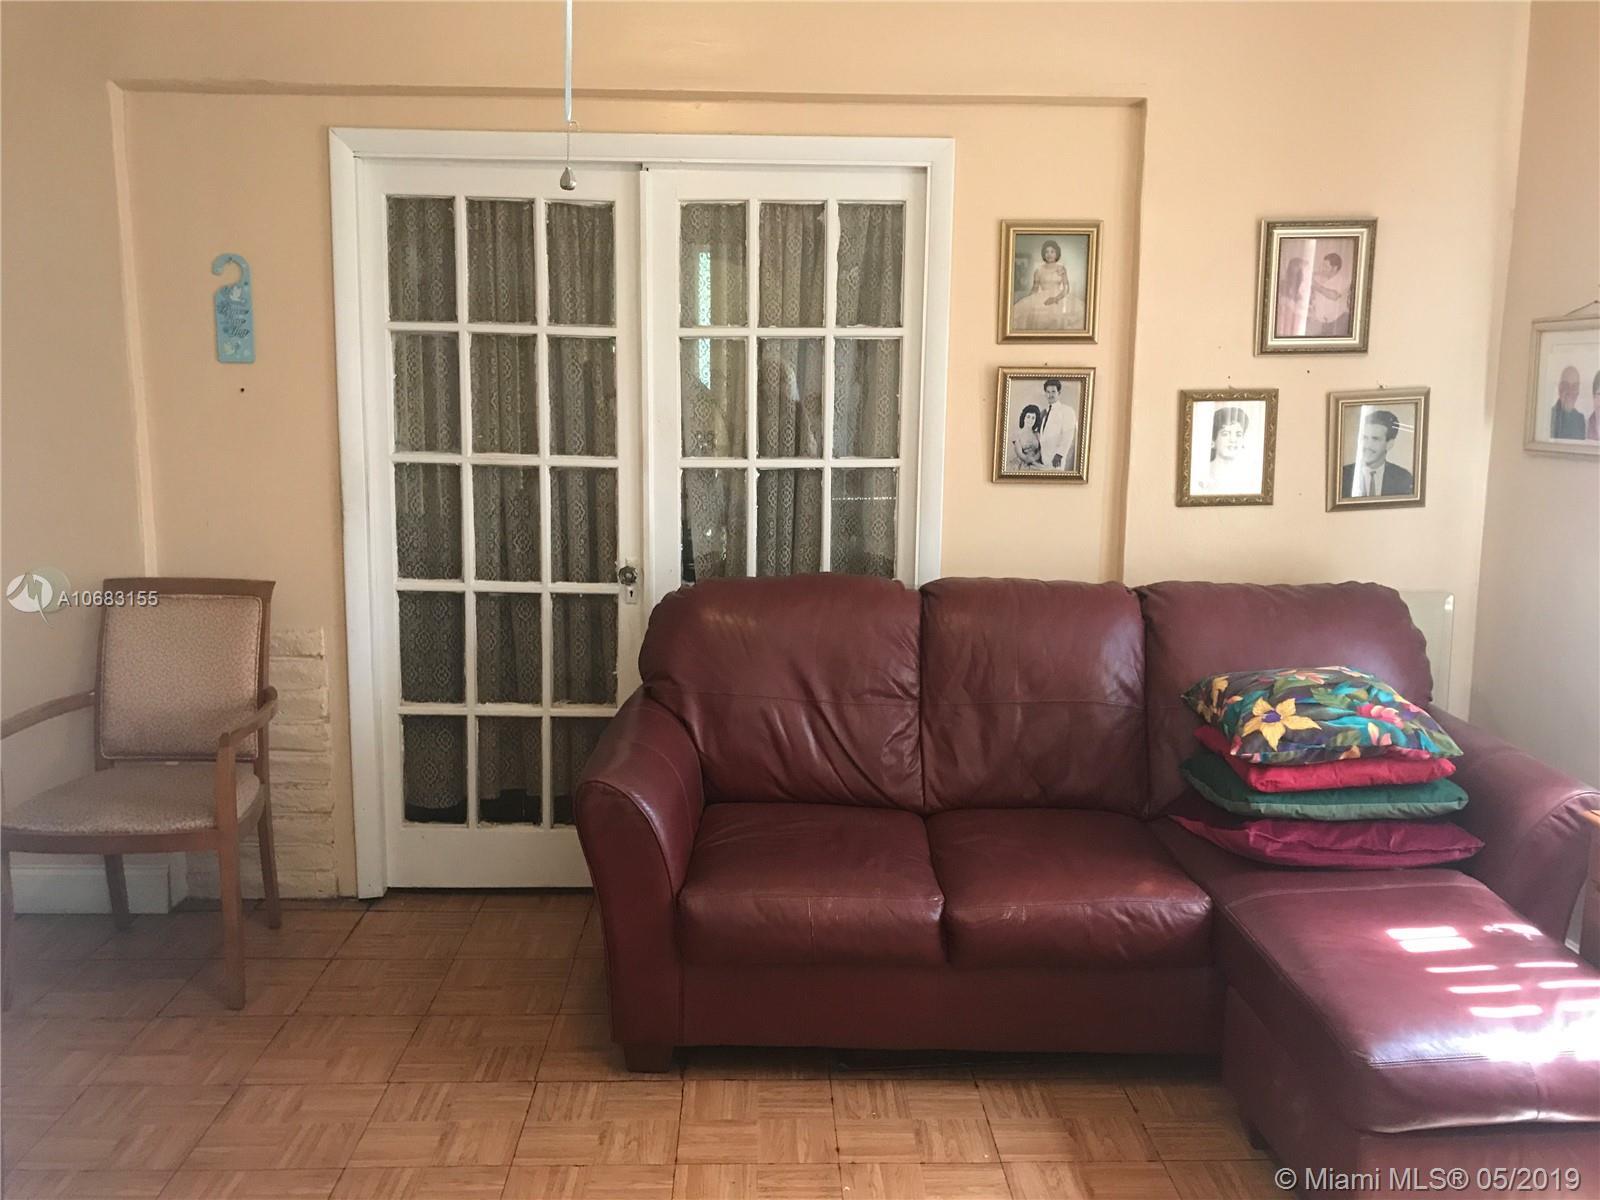 1260 SW 4th St. Miami, FL - Image 1